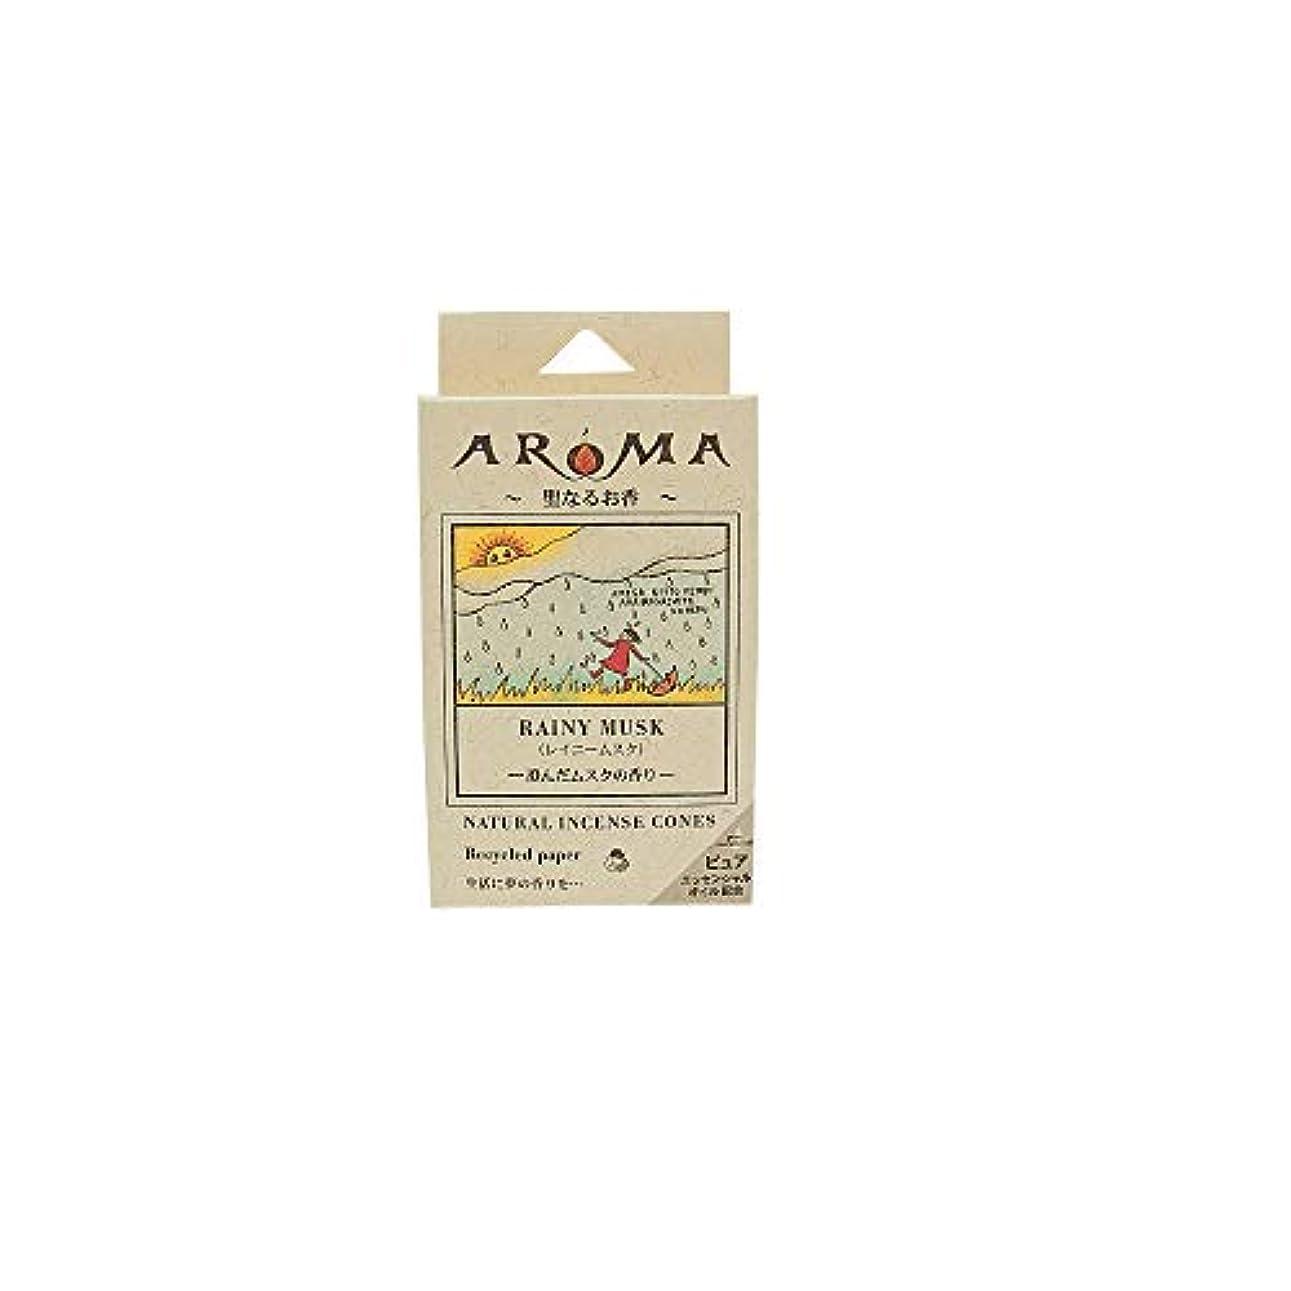 抽象化舗装する深くアロマ香 レイニームスク 16粒(コーンタイプインセンス 1粒の燃焼時間約20分 澄んだムスクの香り)